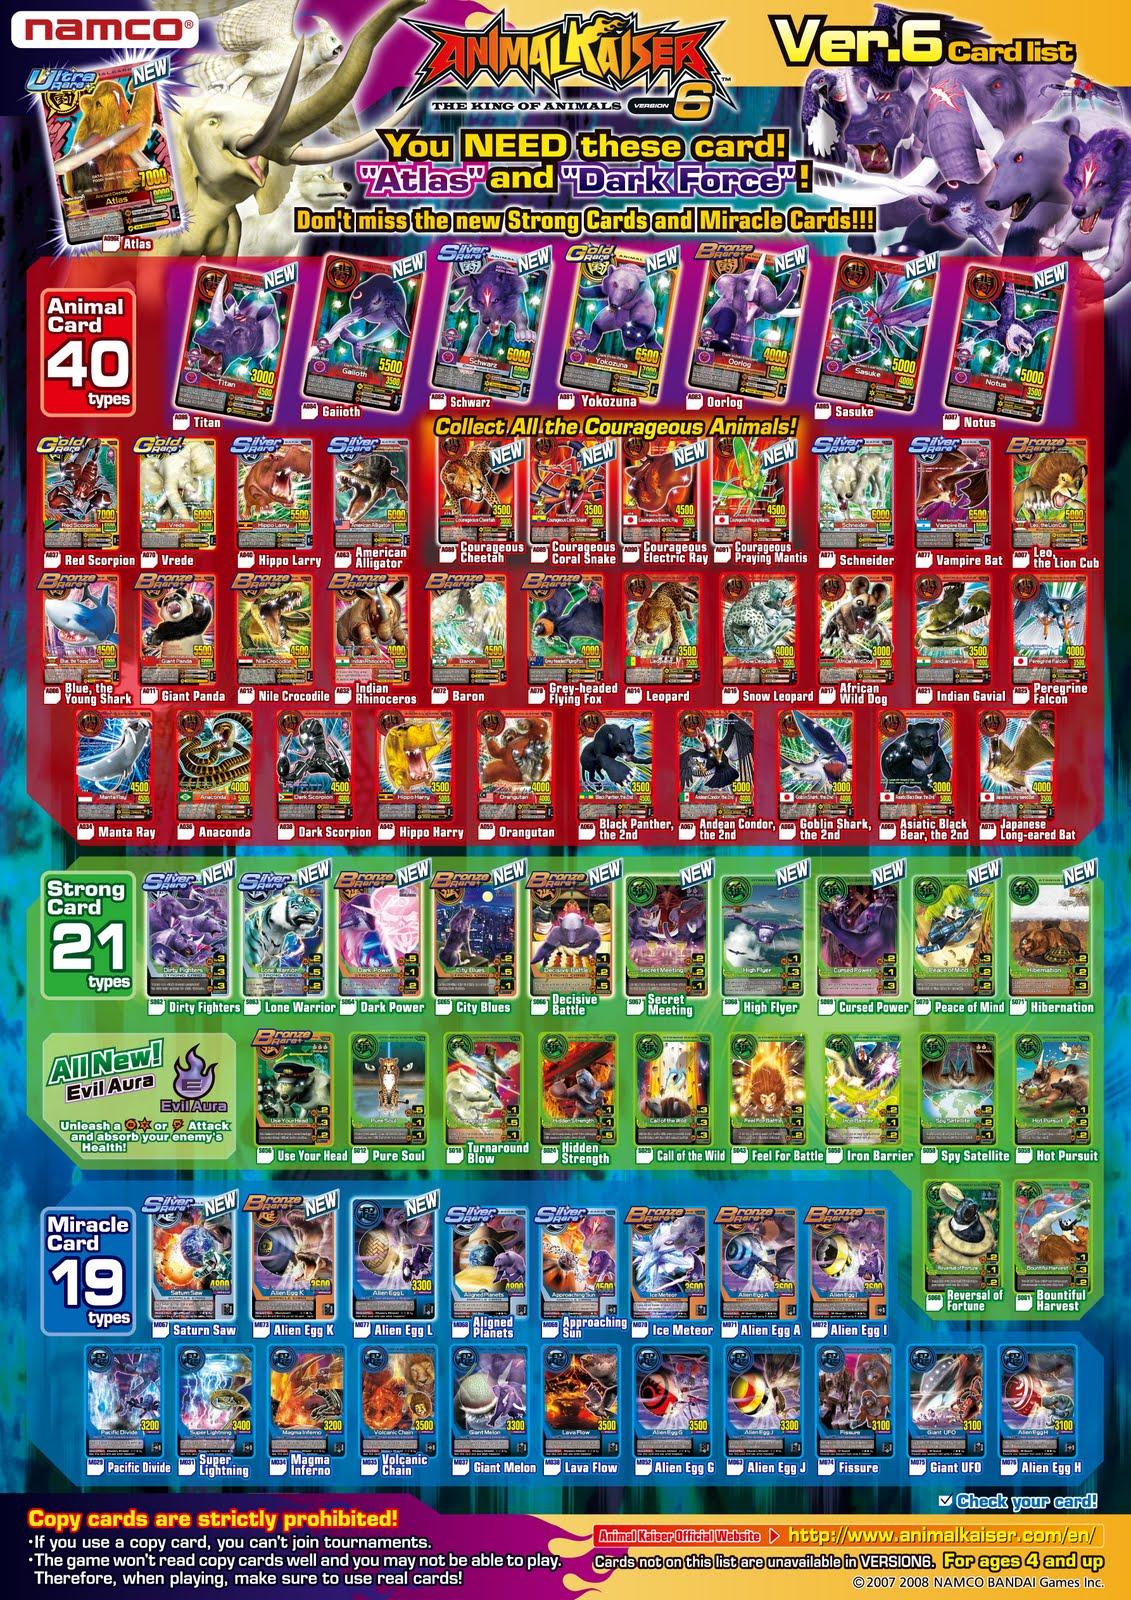 Animal Kaiser: V6 Card List